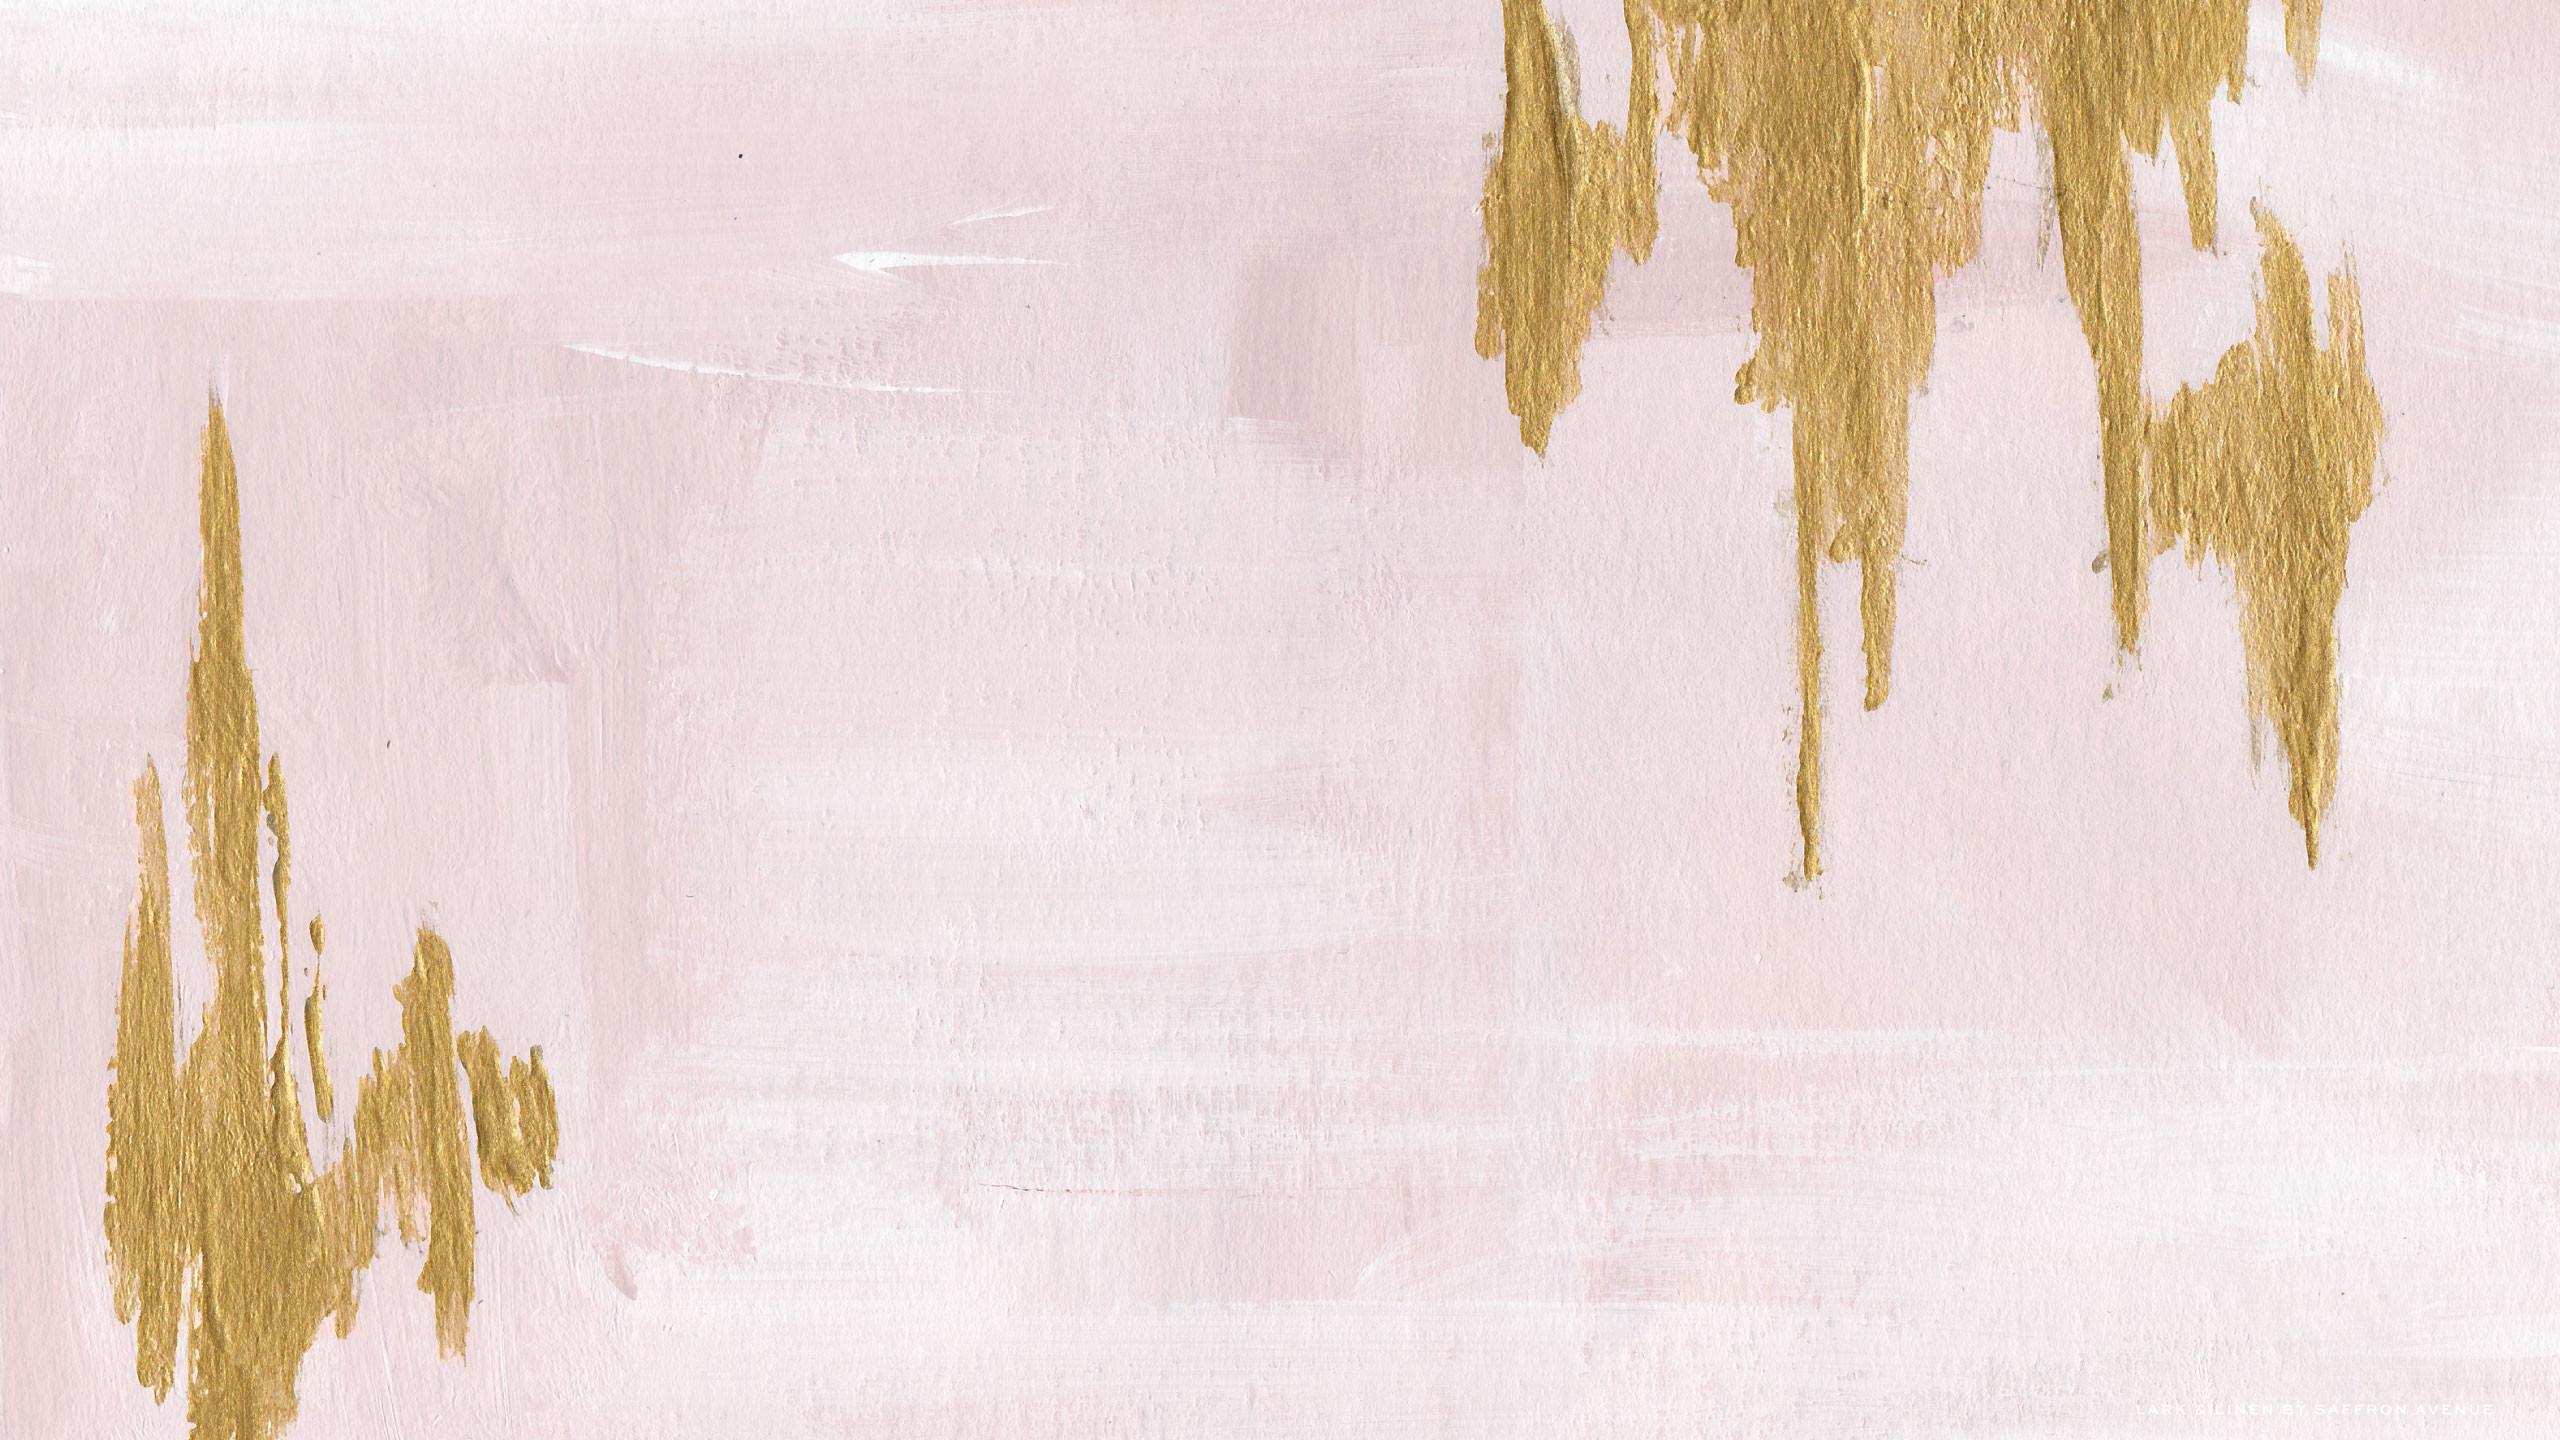 Abstract Art Desktop Wallpaper